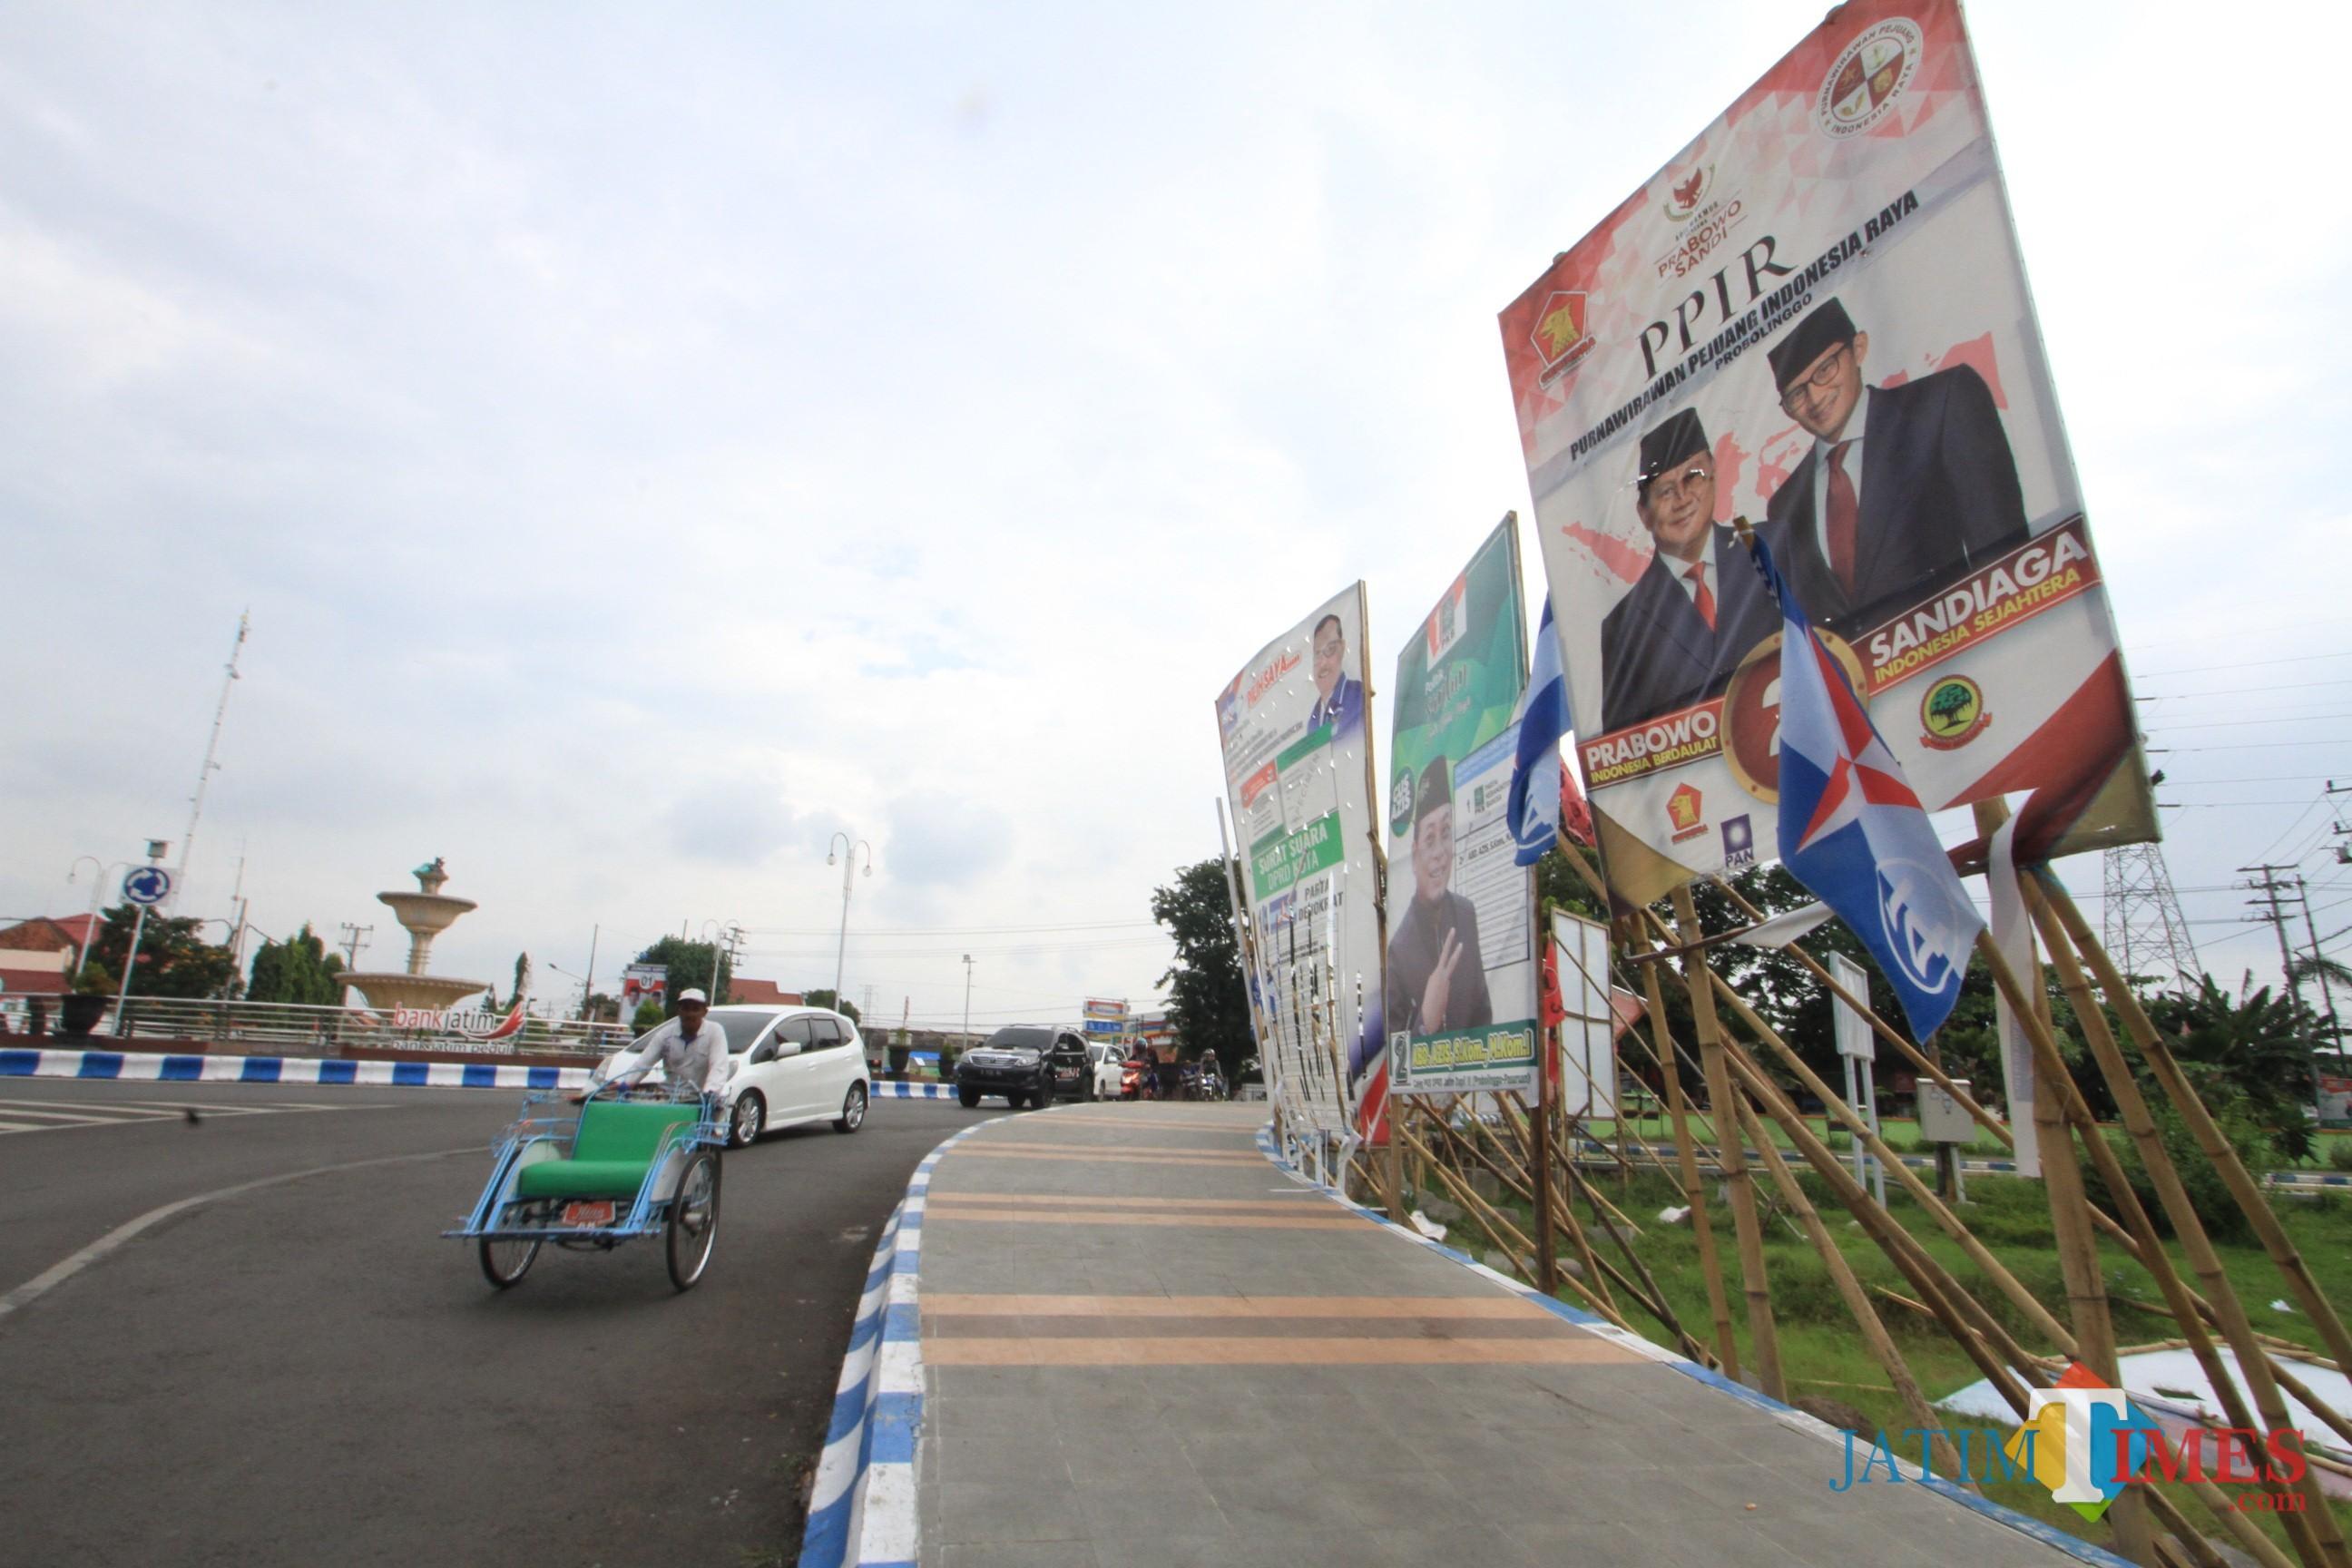 APK di bundaran Gladag Serang, belum diturunkan mesku sudah massa  tenang(Agus Salam/Jatim TIMES)